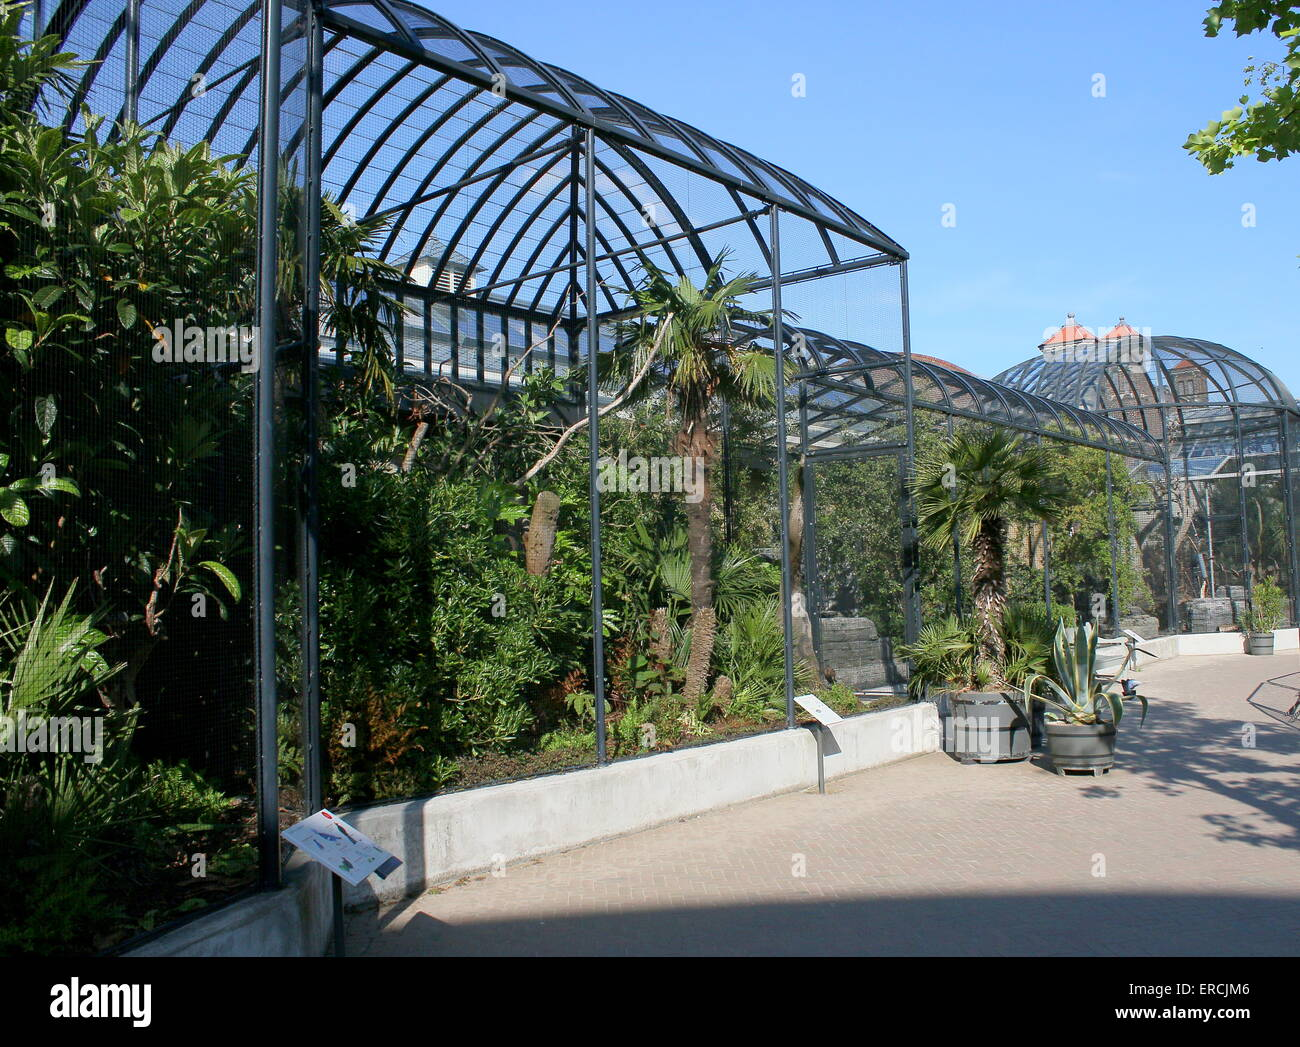 Dierentuin stockfotos & dierentuin bilder alamy